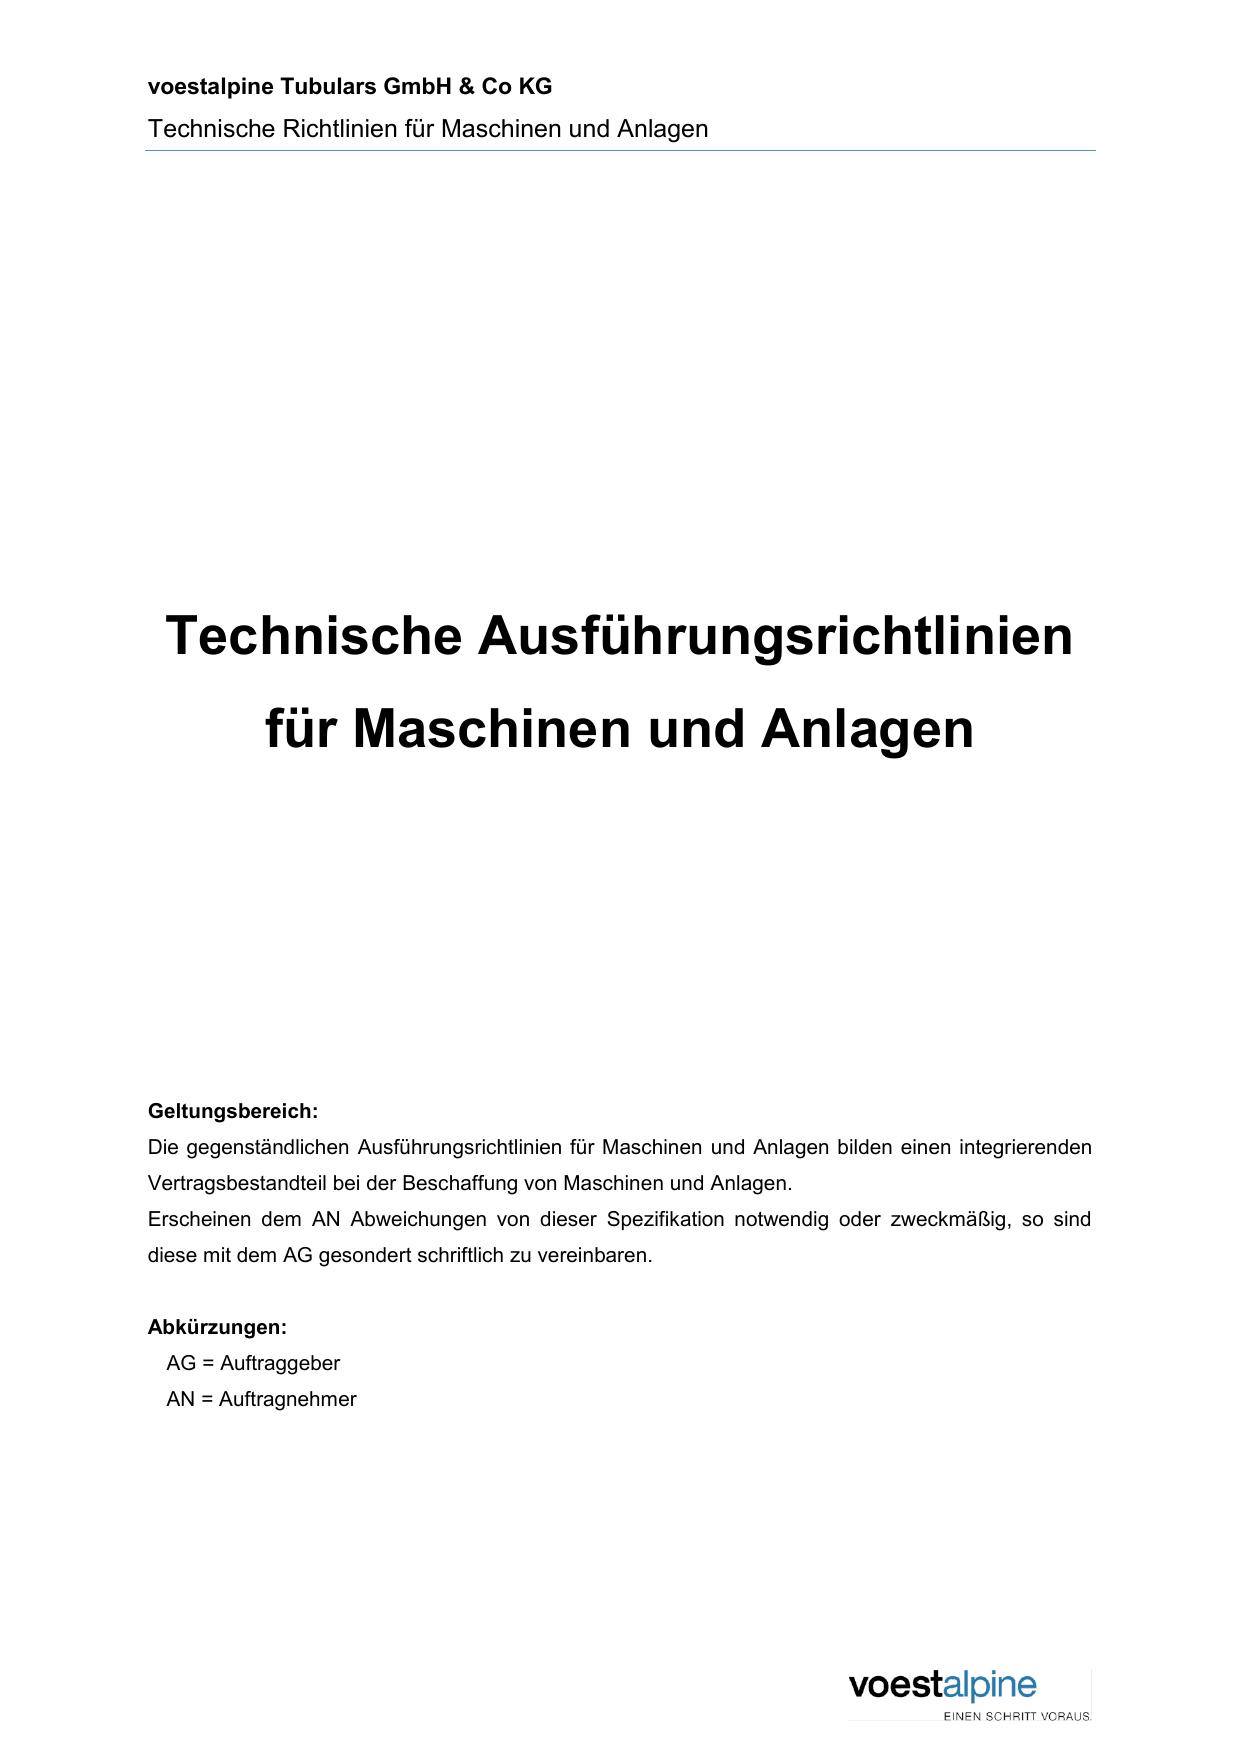 Technische Ausführungsrichtlinien für Maschinen und | manualzz com